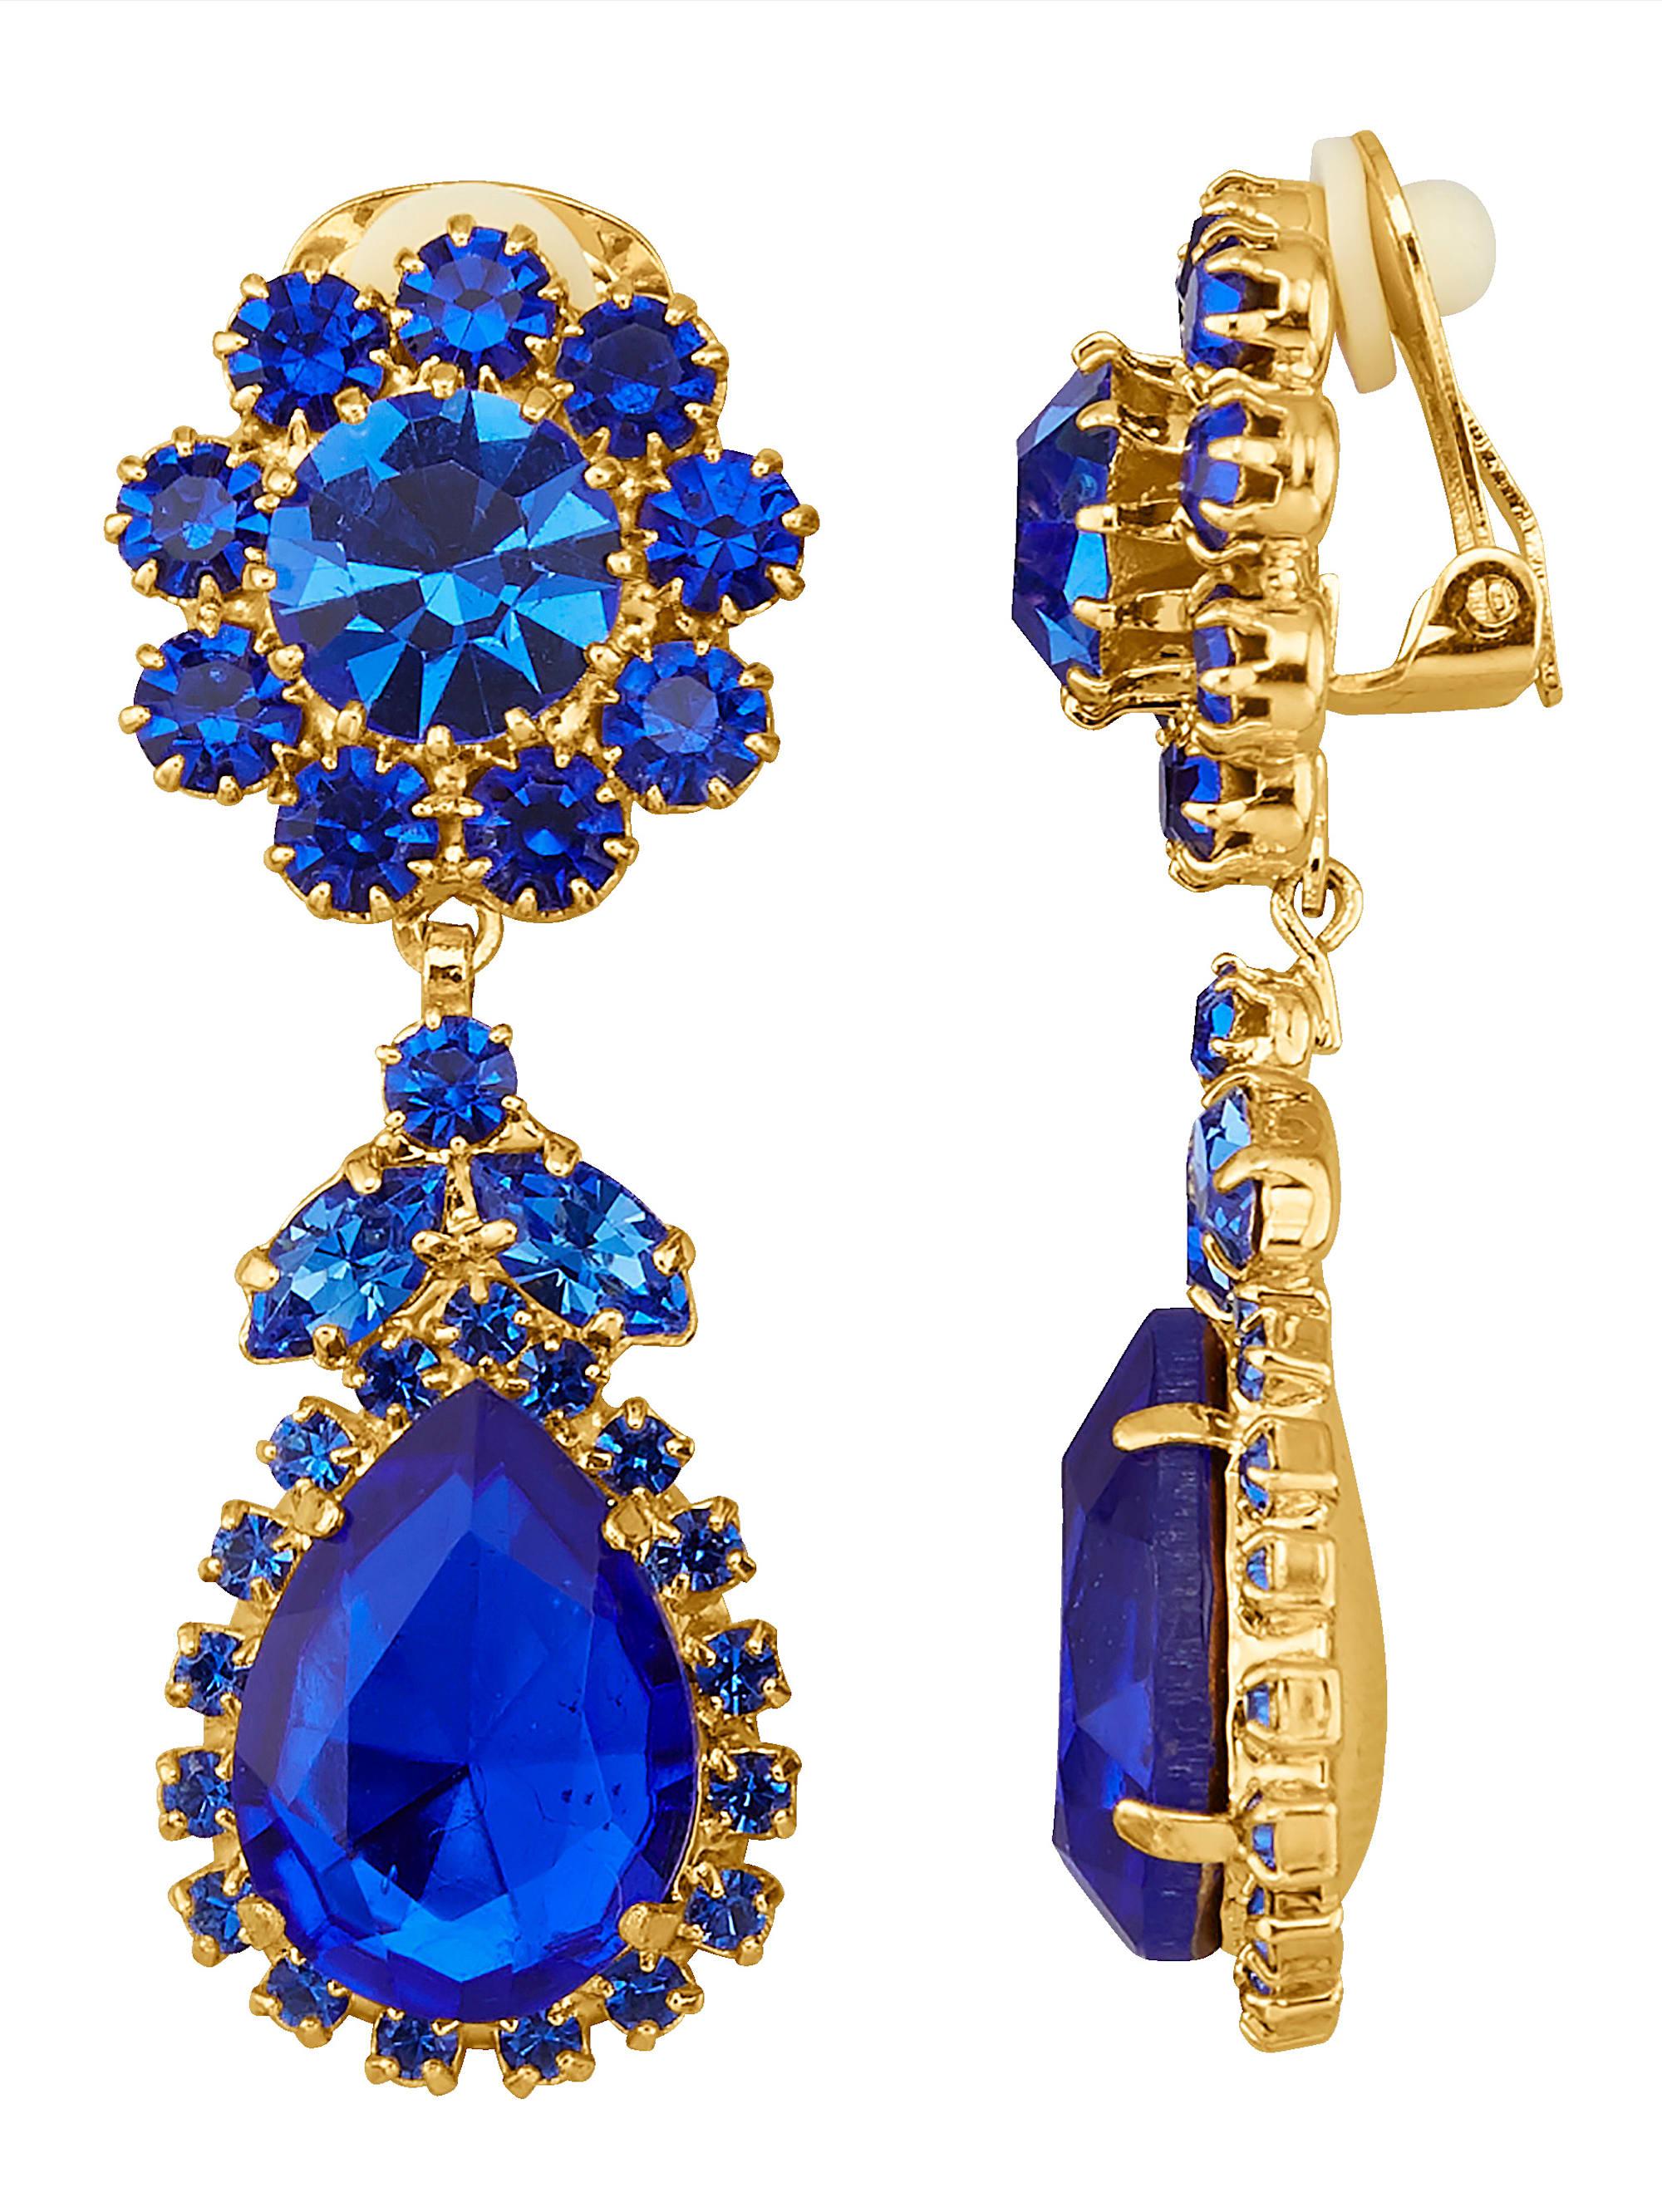 Golden Style Ohrclips mit blauen Kristallen TrGXk